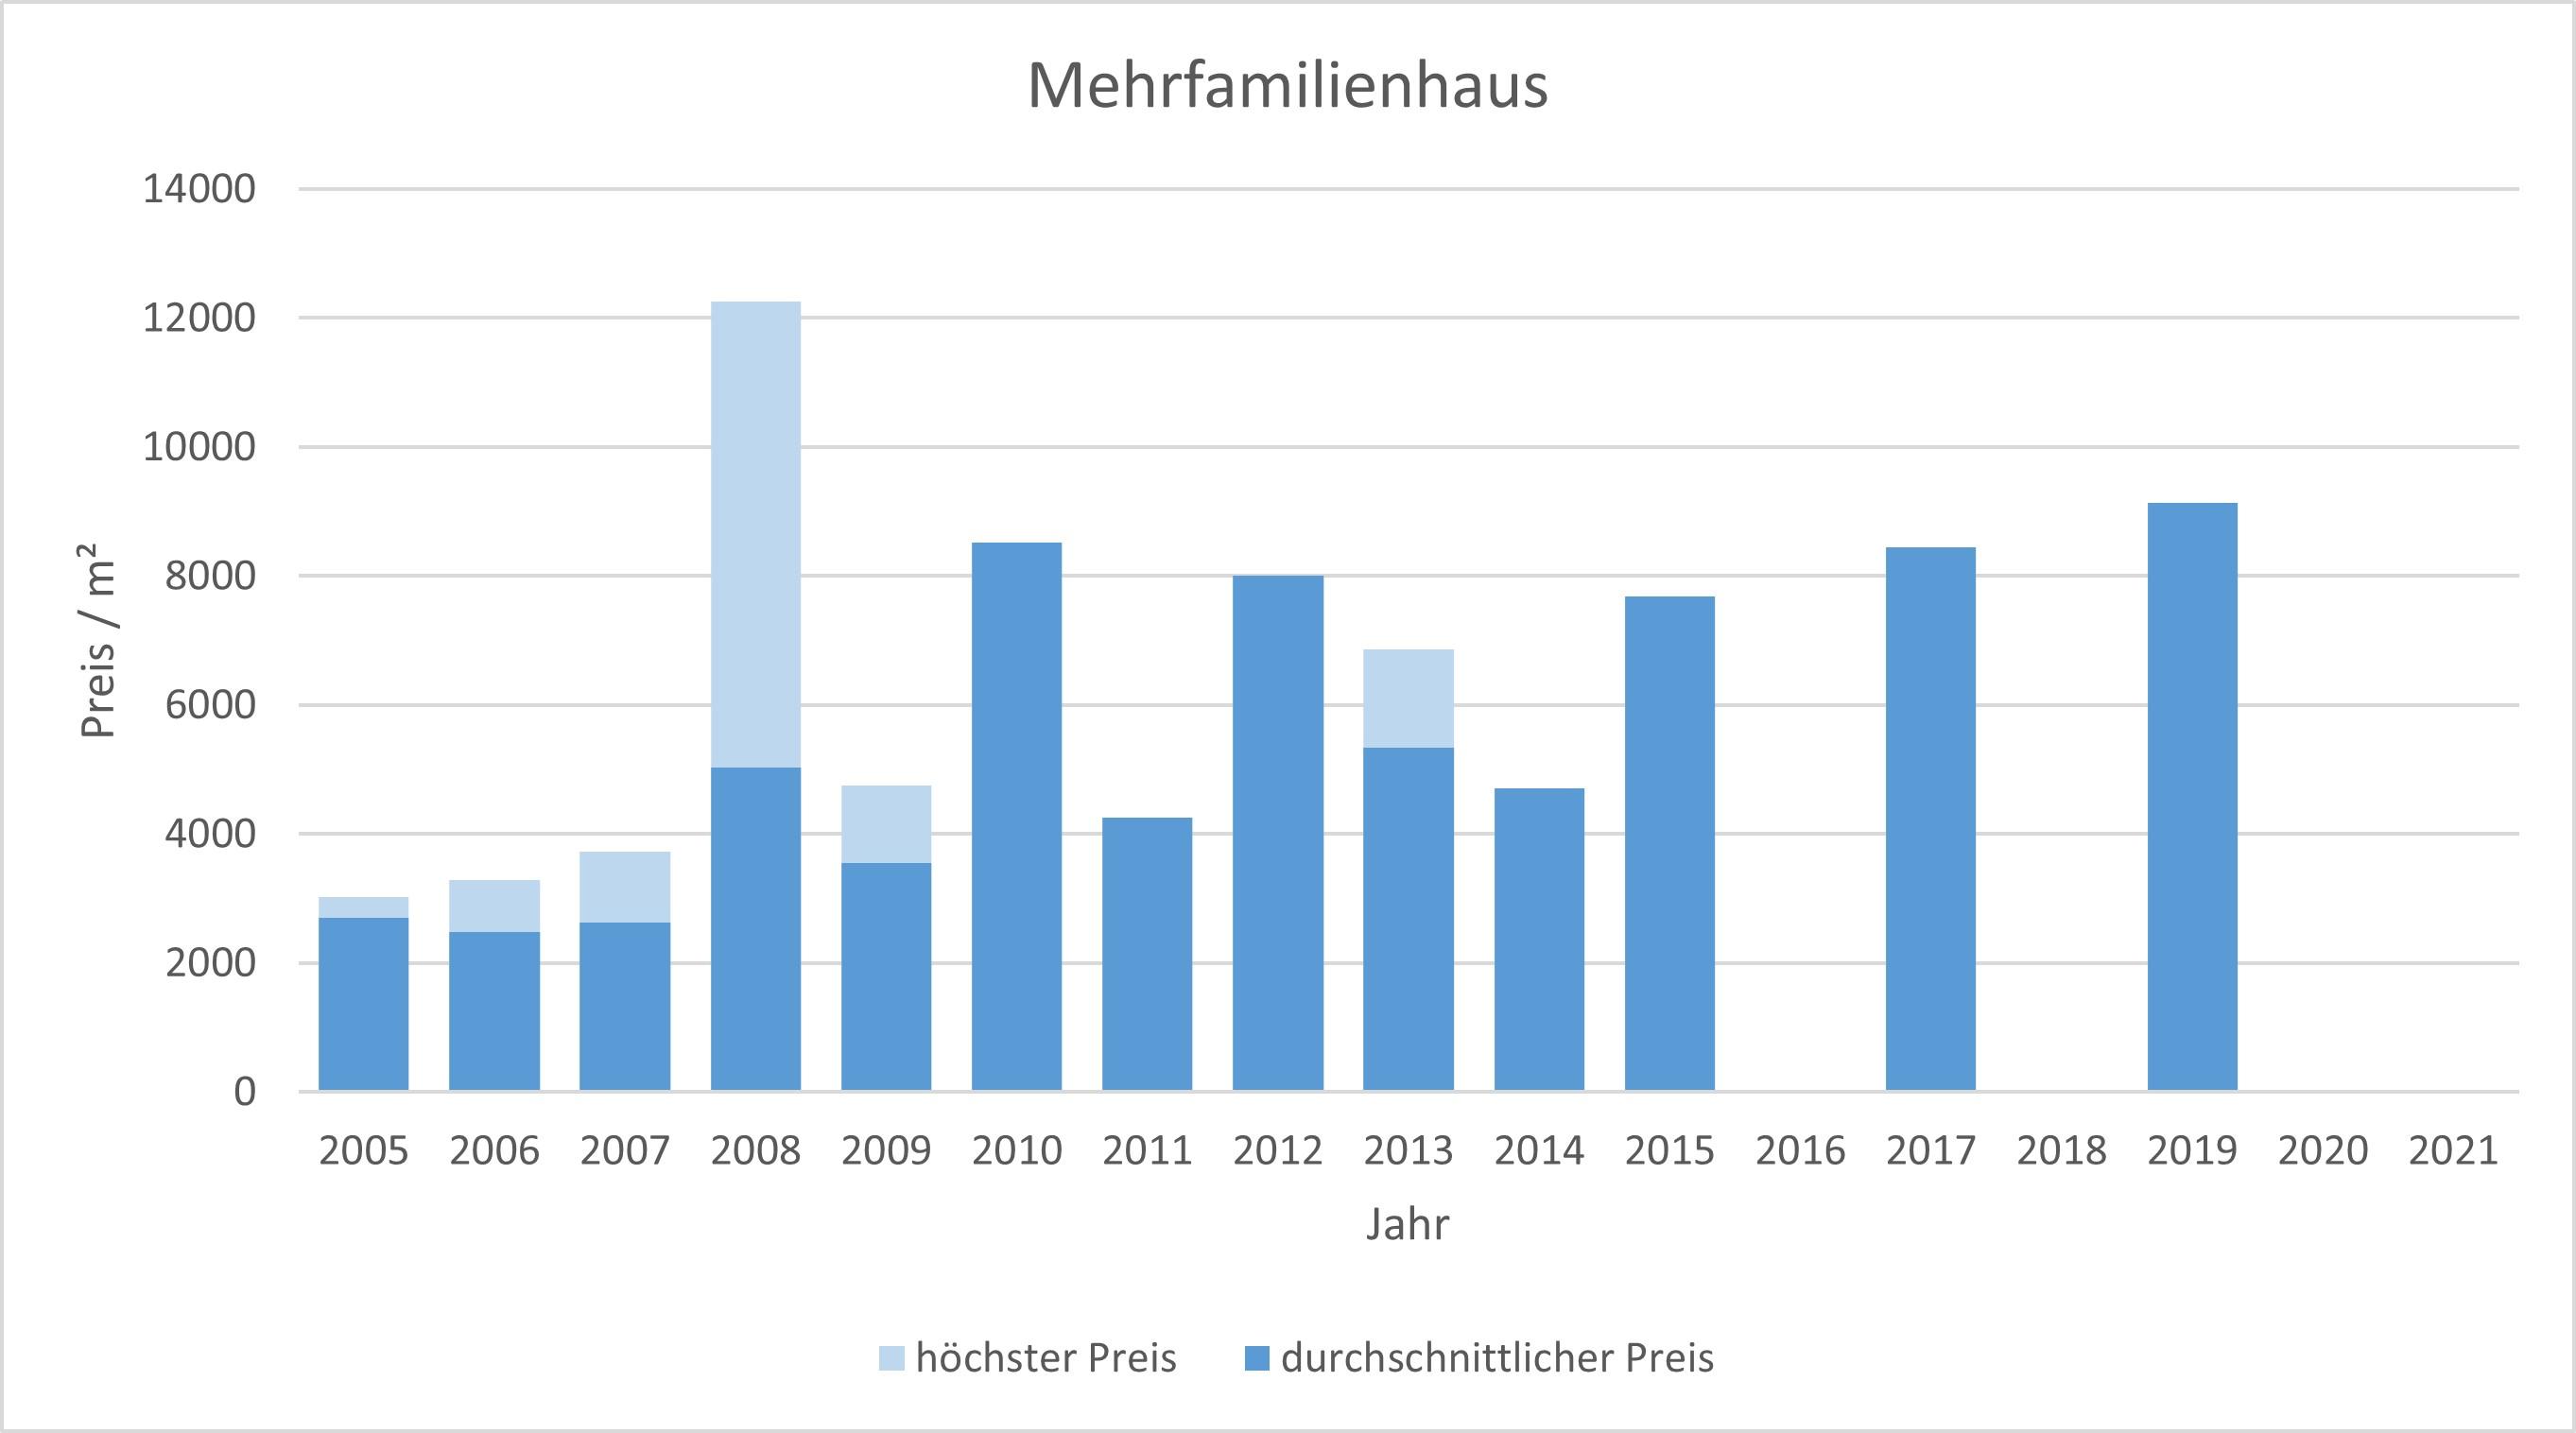 München - Glockenbachviertel Mehrfamilienhaus kaufen verkaufen Preis Bewertung 2019 2020 2021 Makler www.happy-immo.de